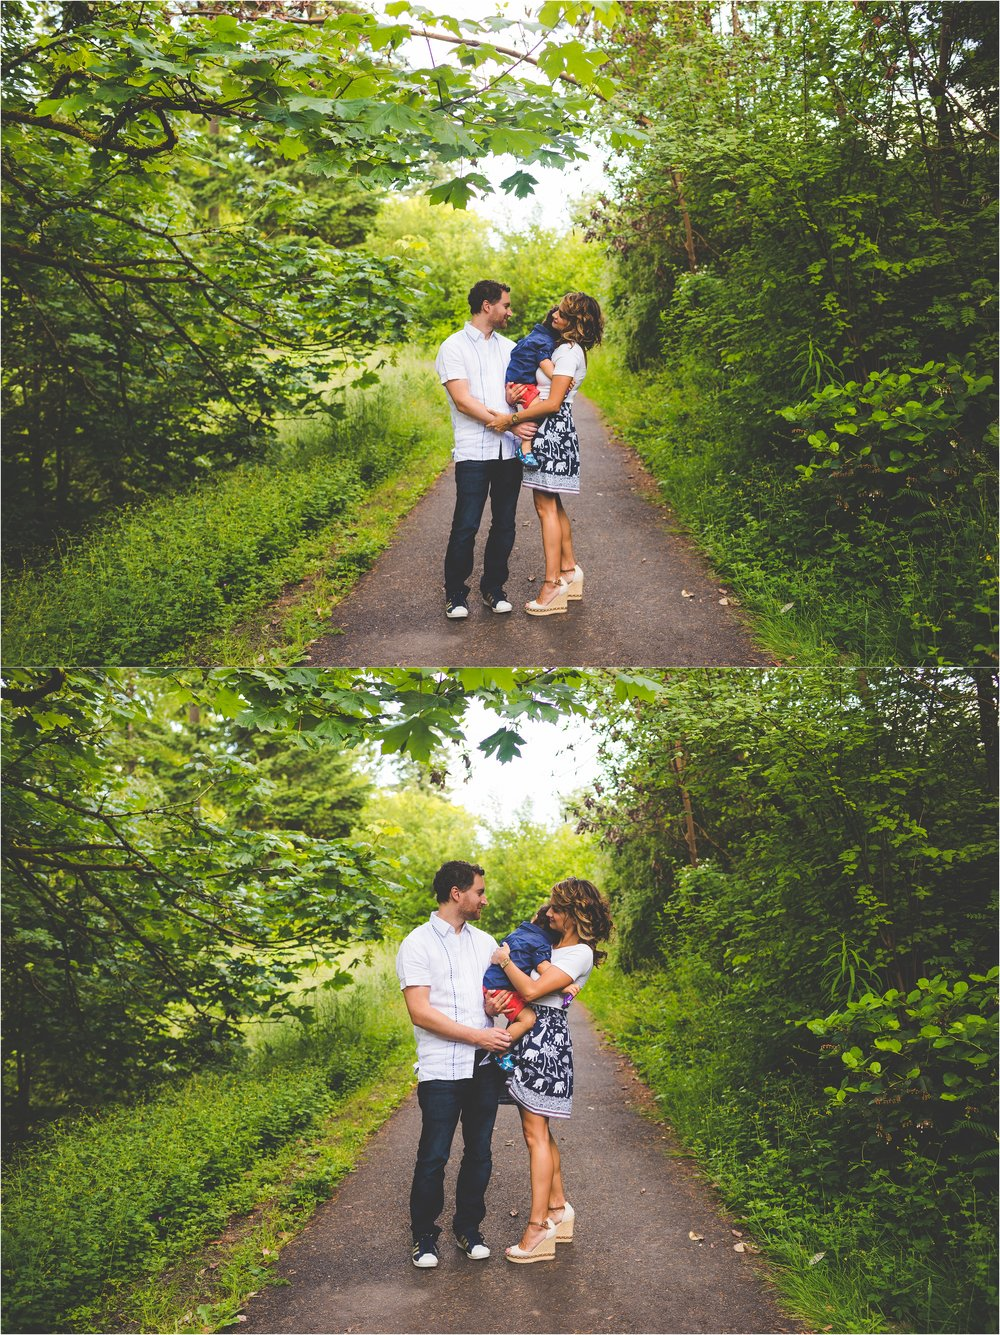 hoyt-arboretum-family-session-jannicka-mayte-portland-oregon-family-photographer_0021.jpg